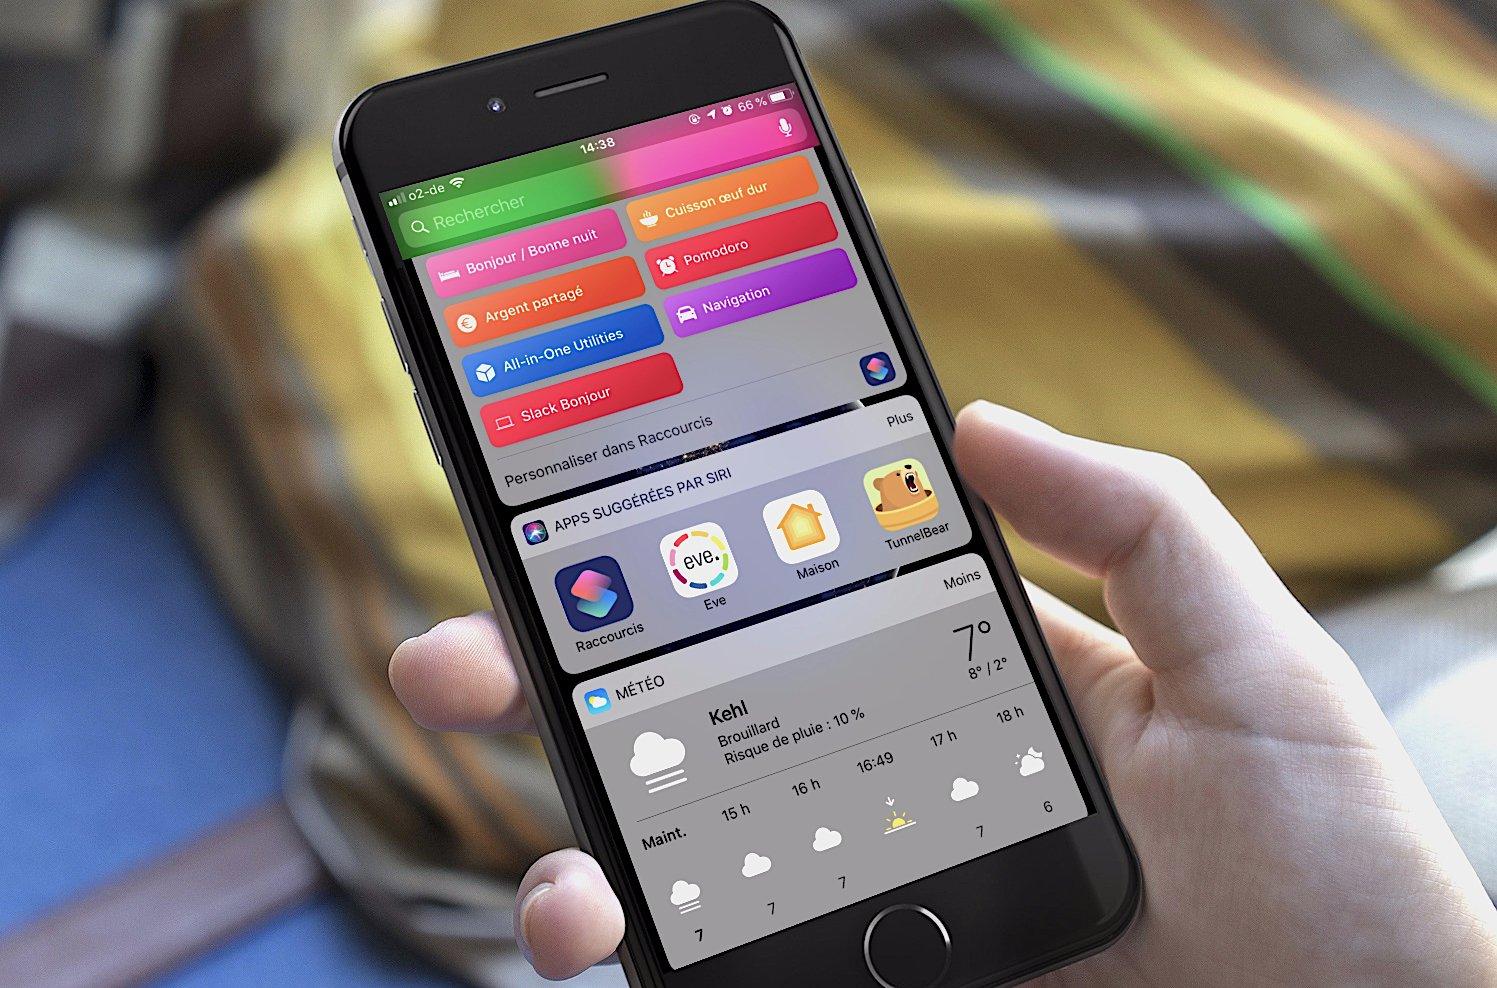 Tuto Raccourcis iOS (3ème partie) : créer un raccourci pour sa routine du matin/soir (condition, réglages, réveil) 1